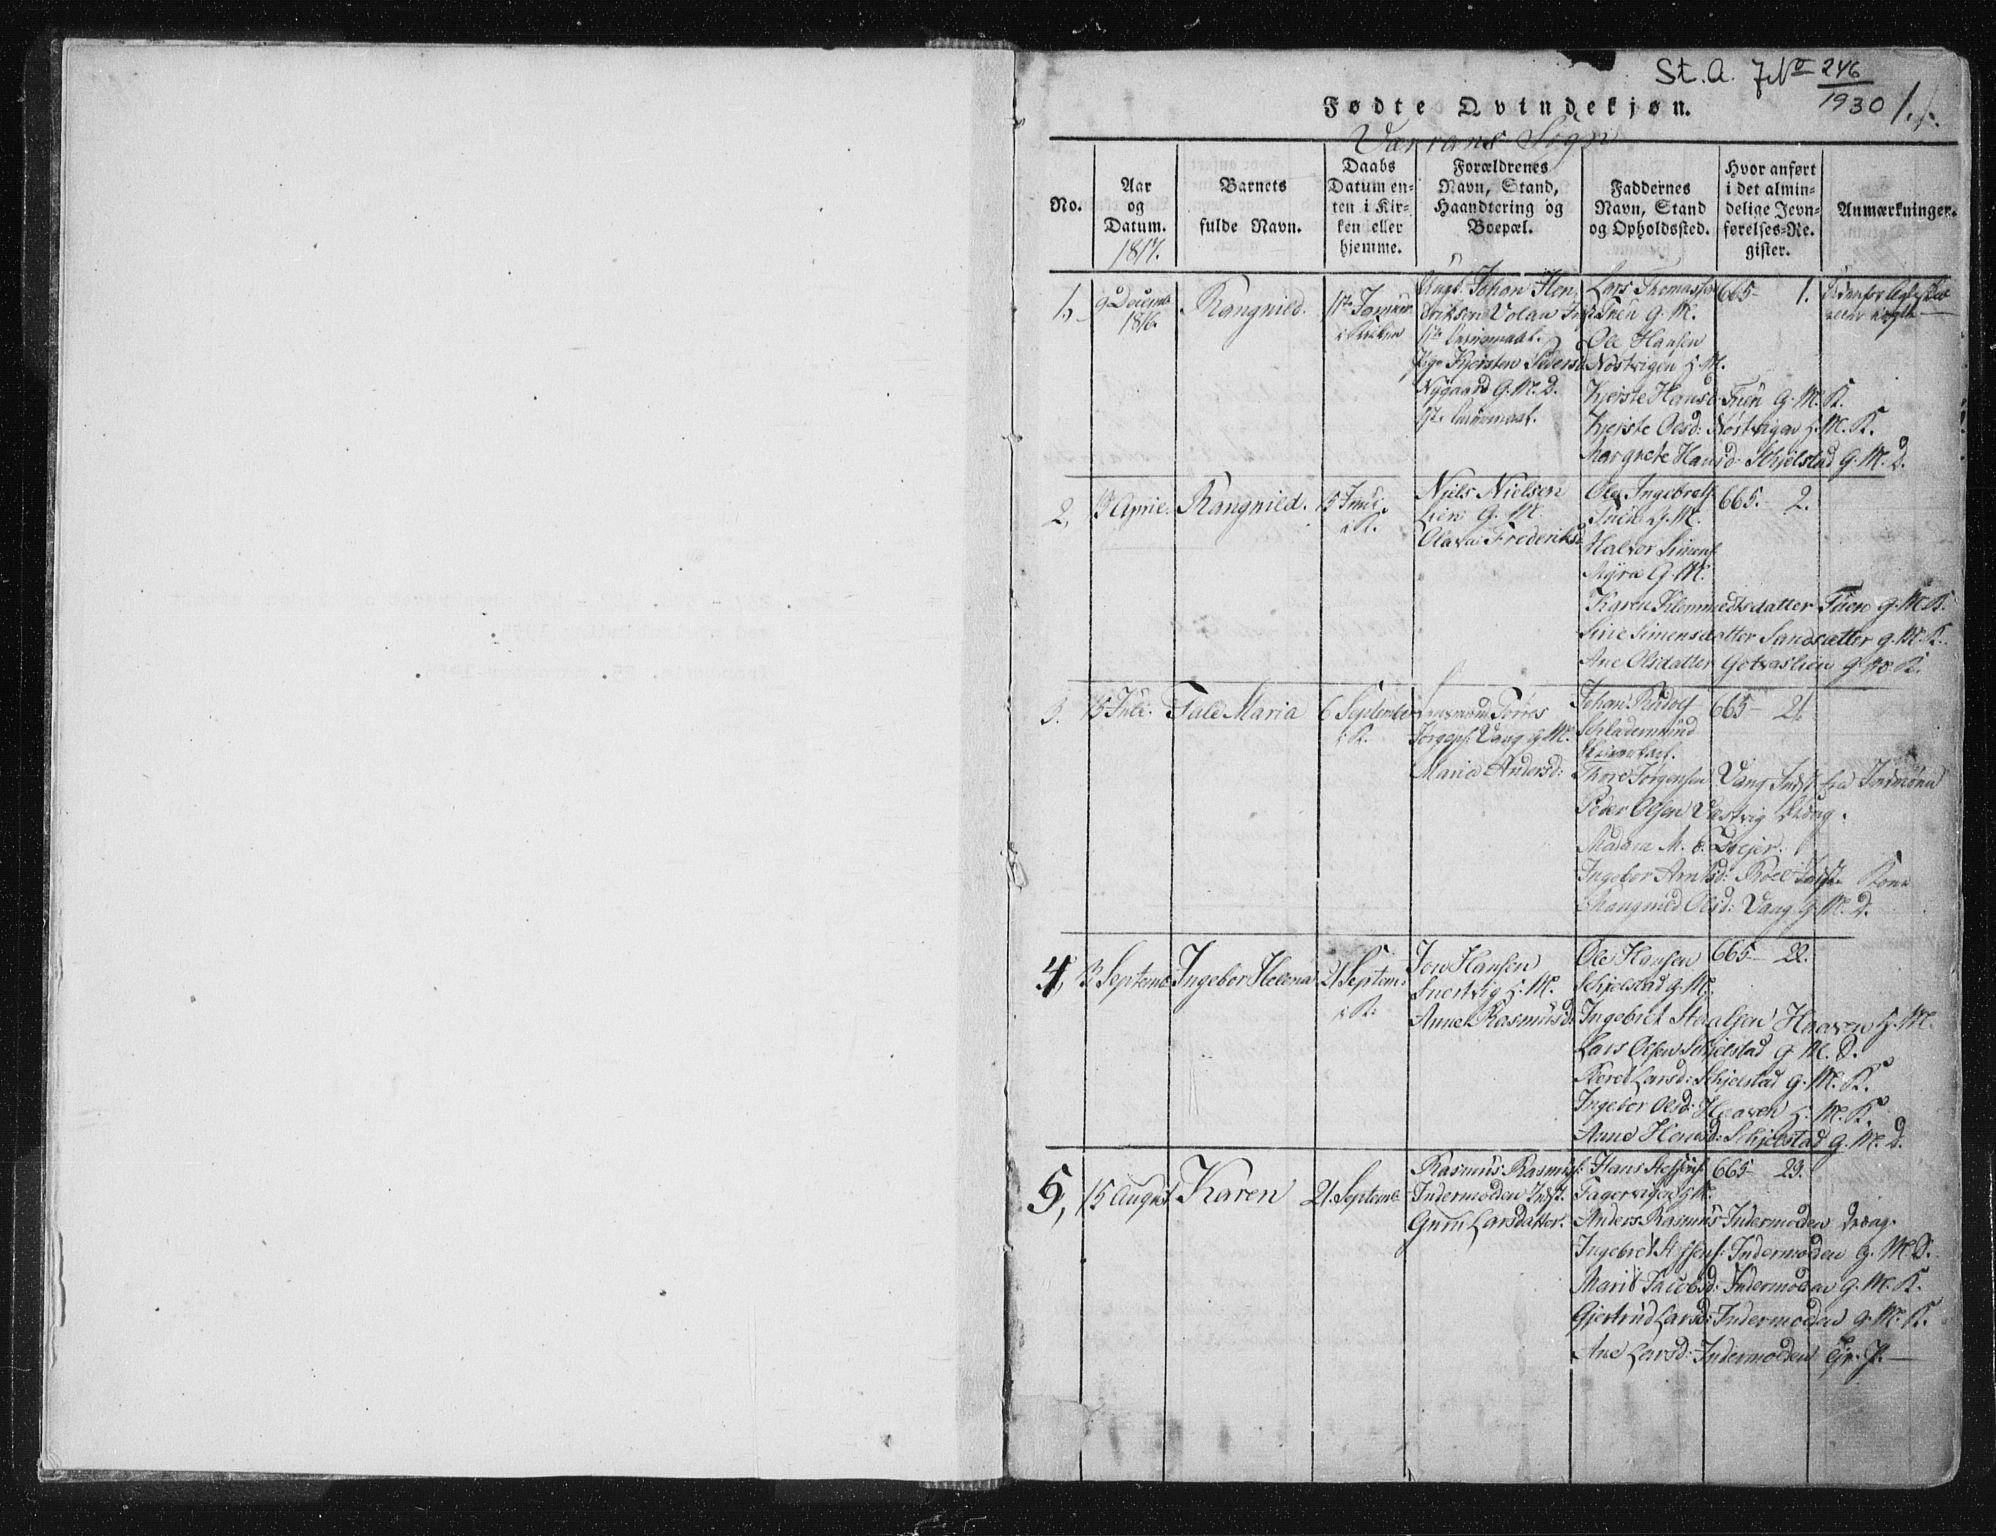 SAT, Ministerialprotokoller, klokkerbøker og fødselsregistre - Nord-Trøndelag, 744/L0417: Ministerialbok nr. 744A01, 1817-1842, s. 0-1